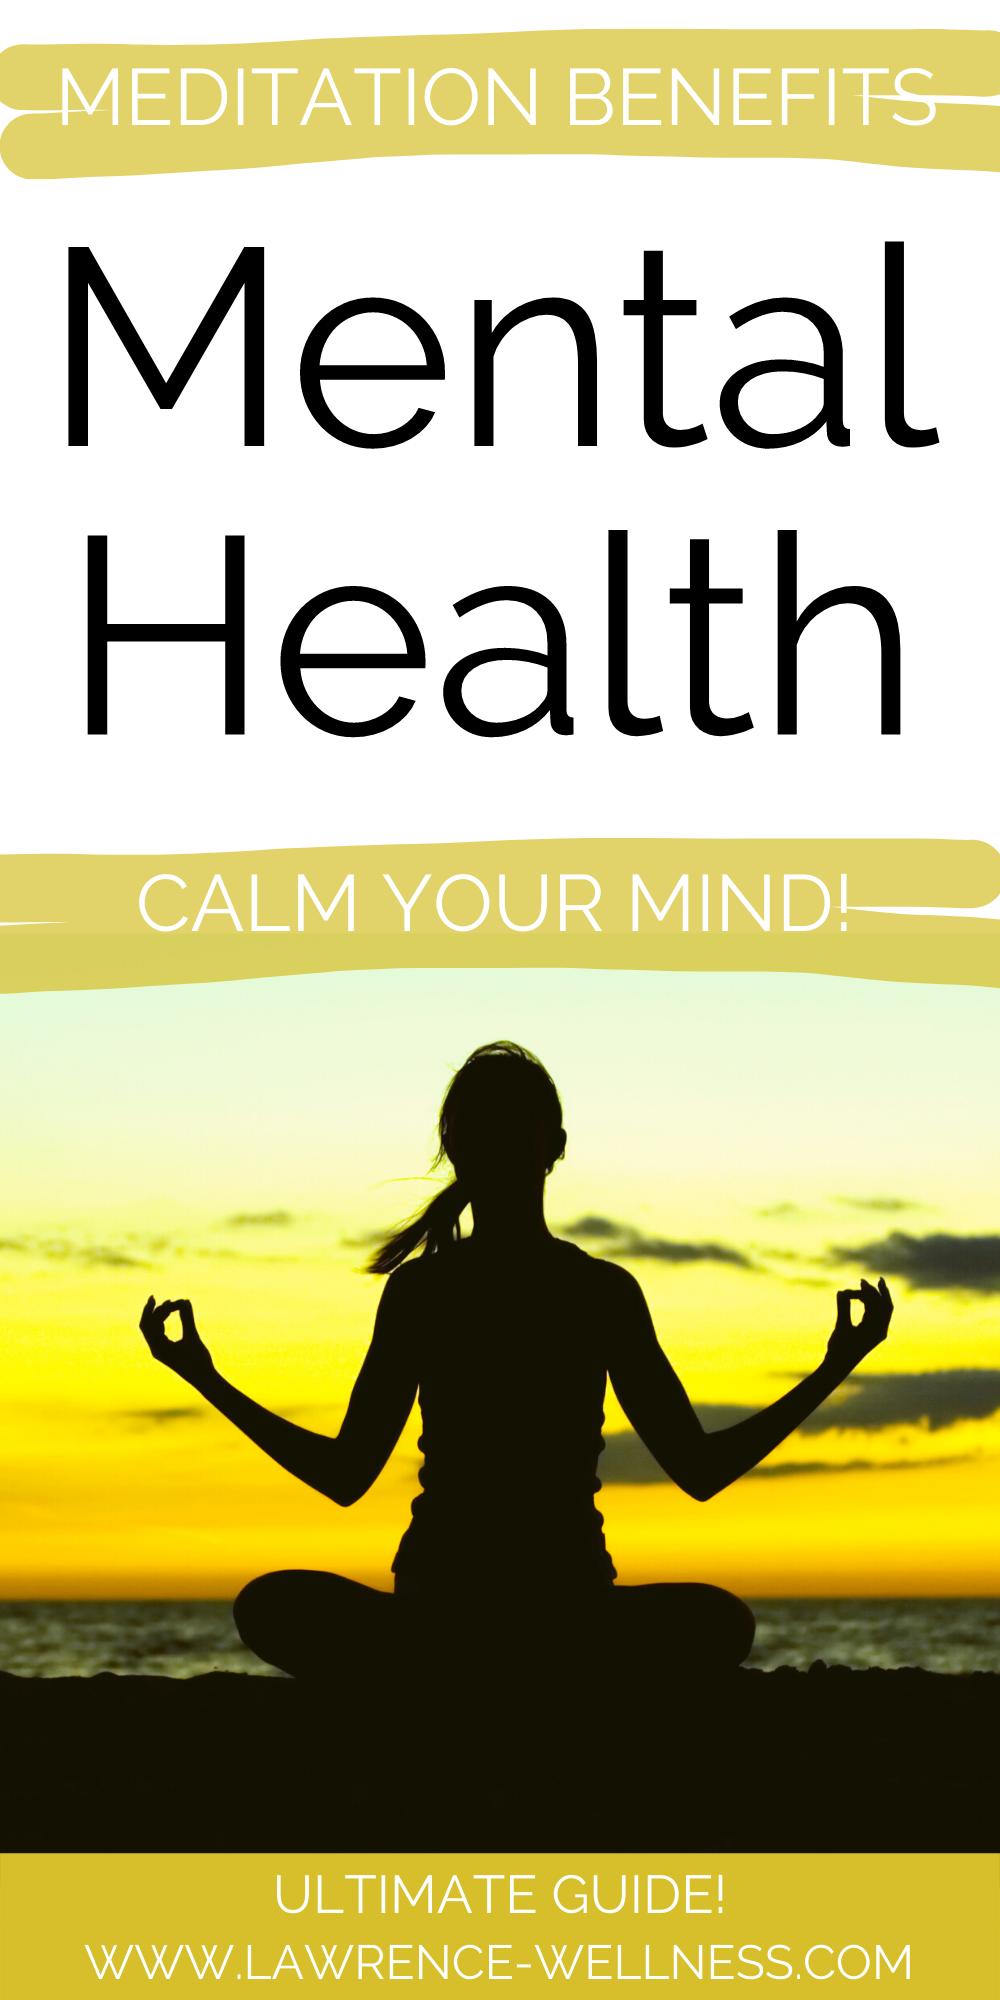 Meditation-Benefits-for-Mental-Health